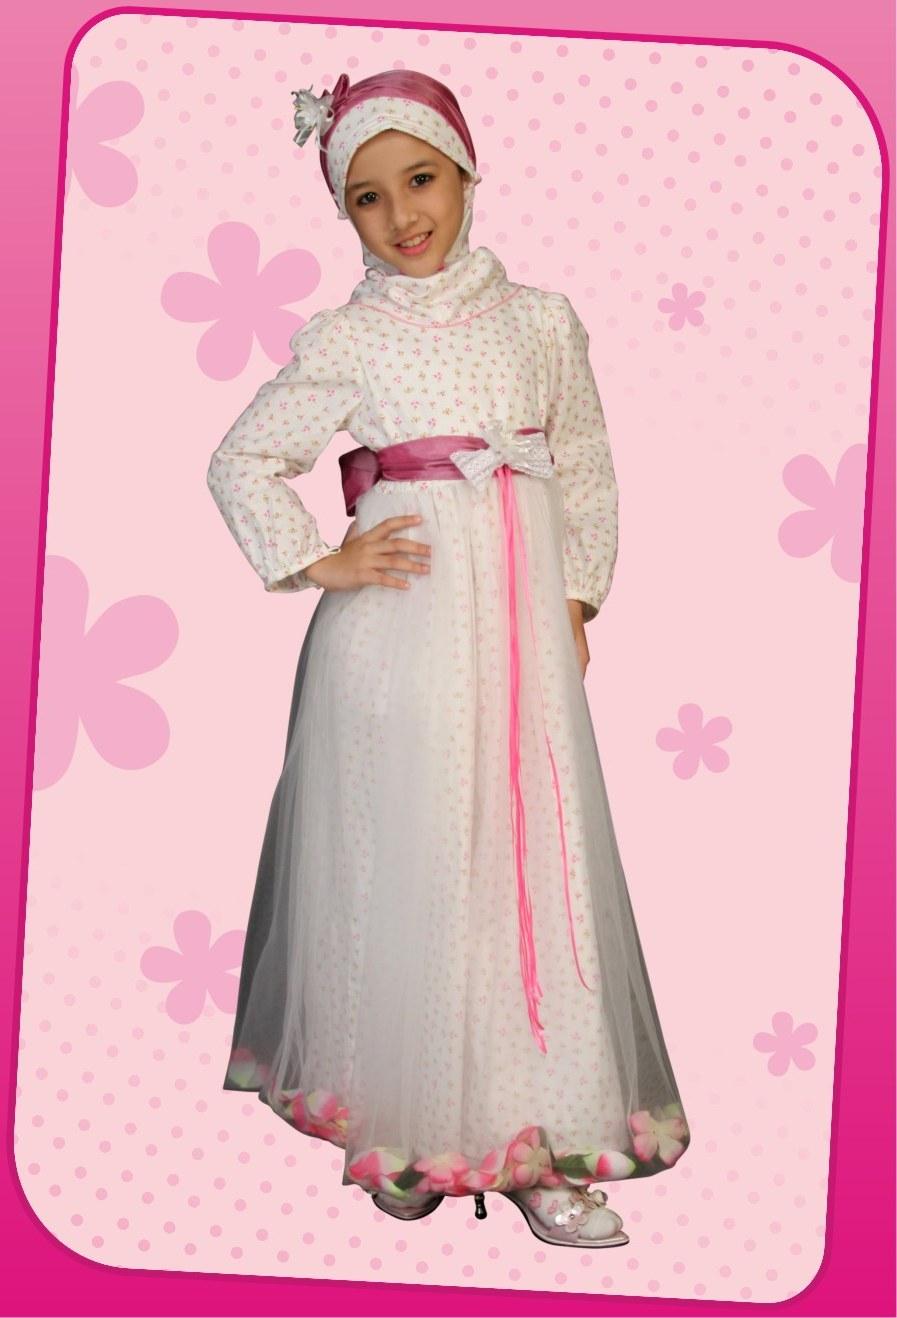 Ide Baju Lebaran Anak Perempuan Umur 10 Tahun Thdr Trend Busana Muslim Anak Perempuan 2016 Busana Muslim Terbaru